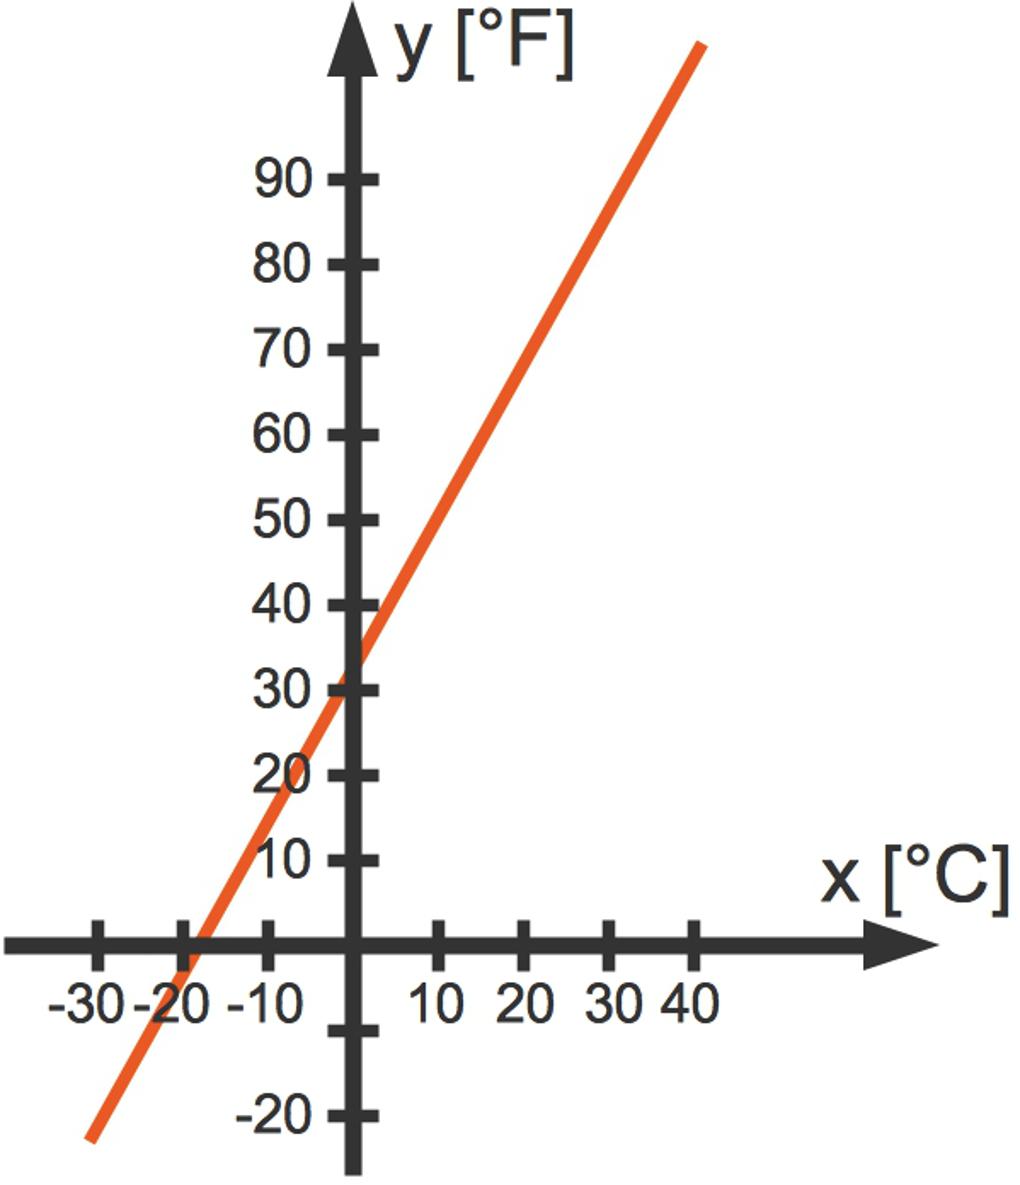 1013_y_1_8x_3_2_1.jpg